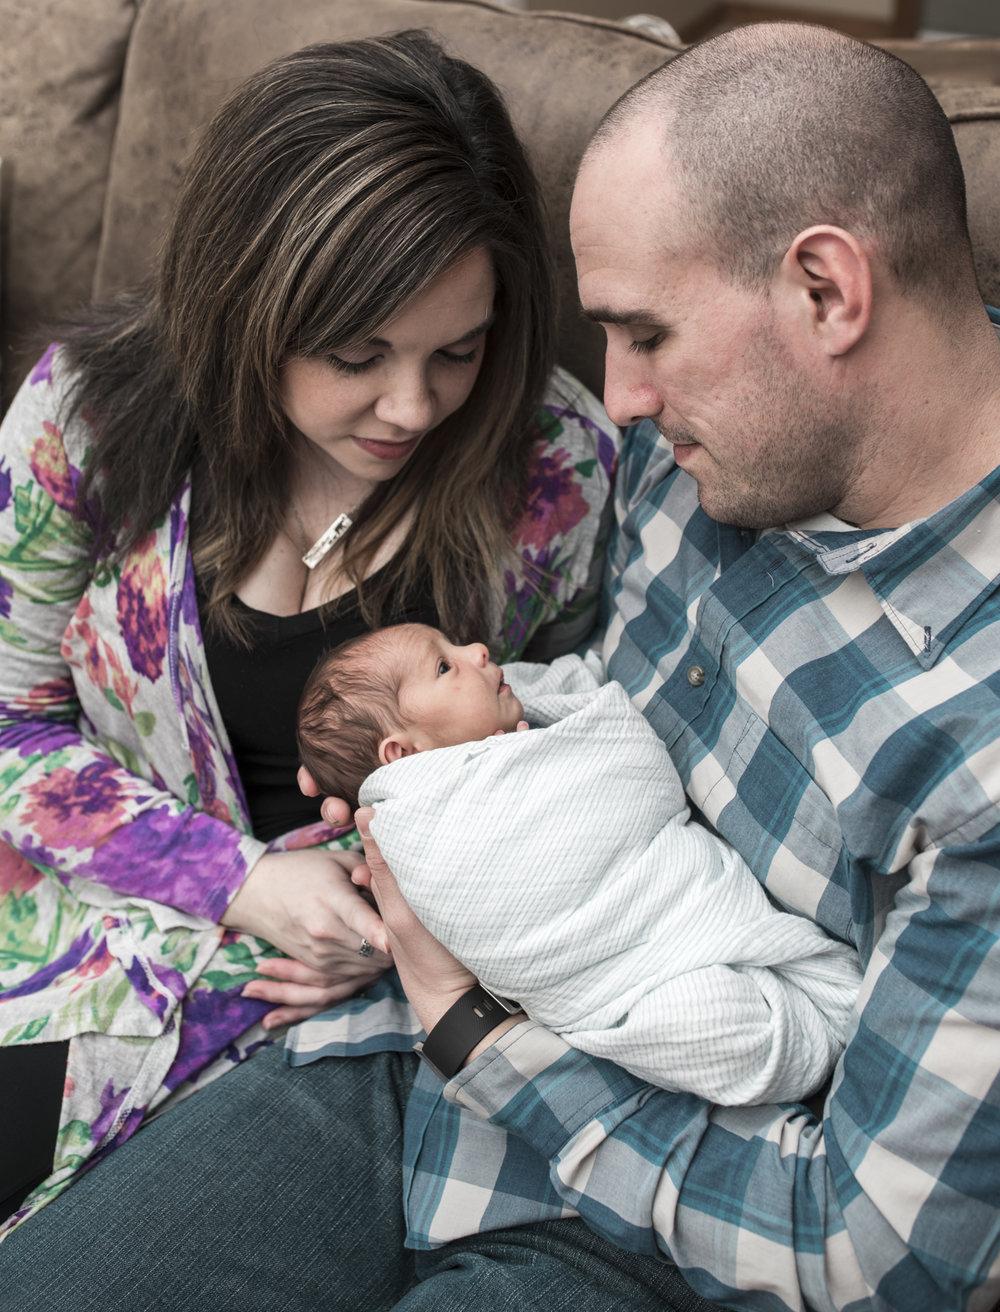 Jake_newborn-8.jpg